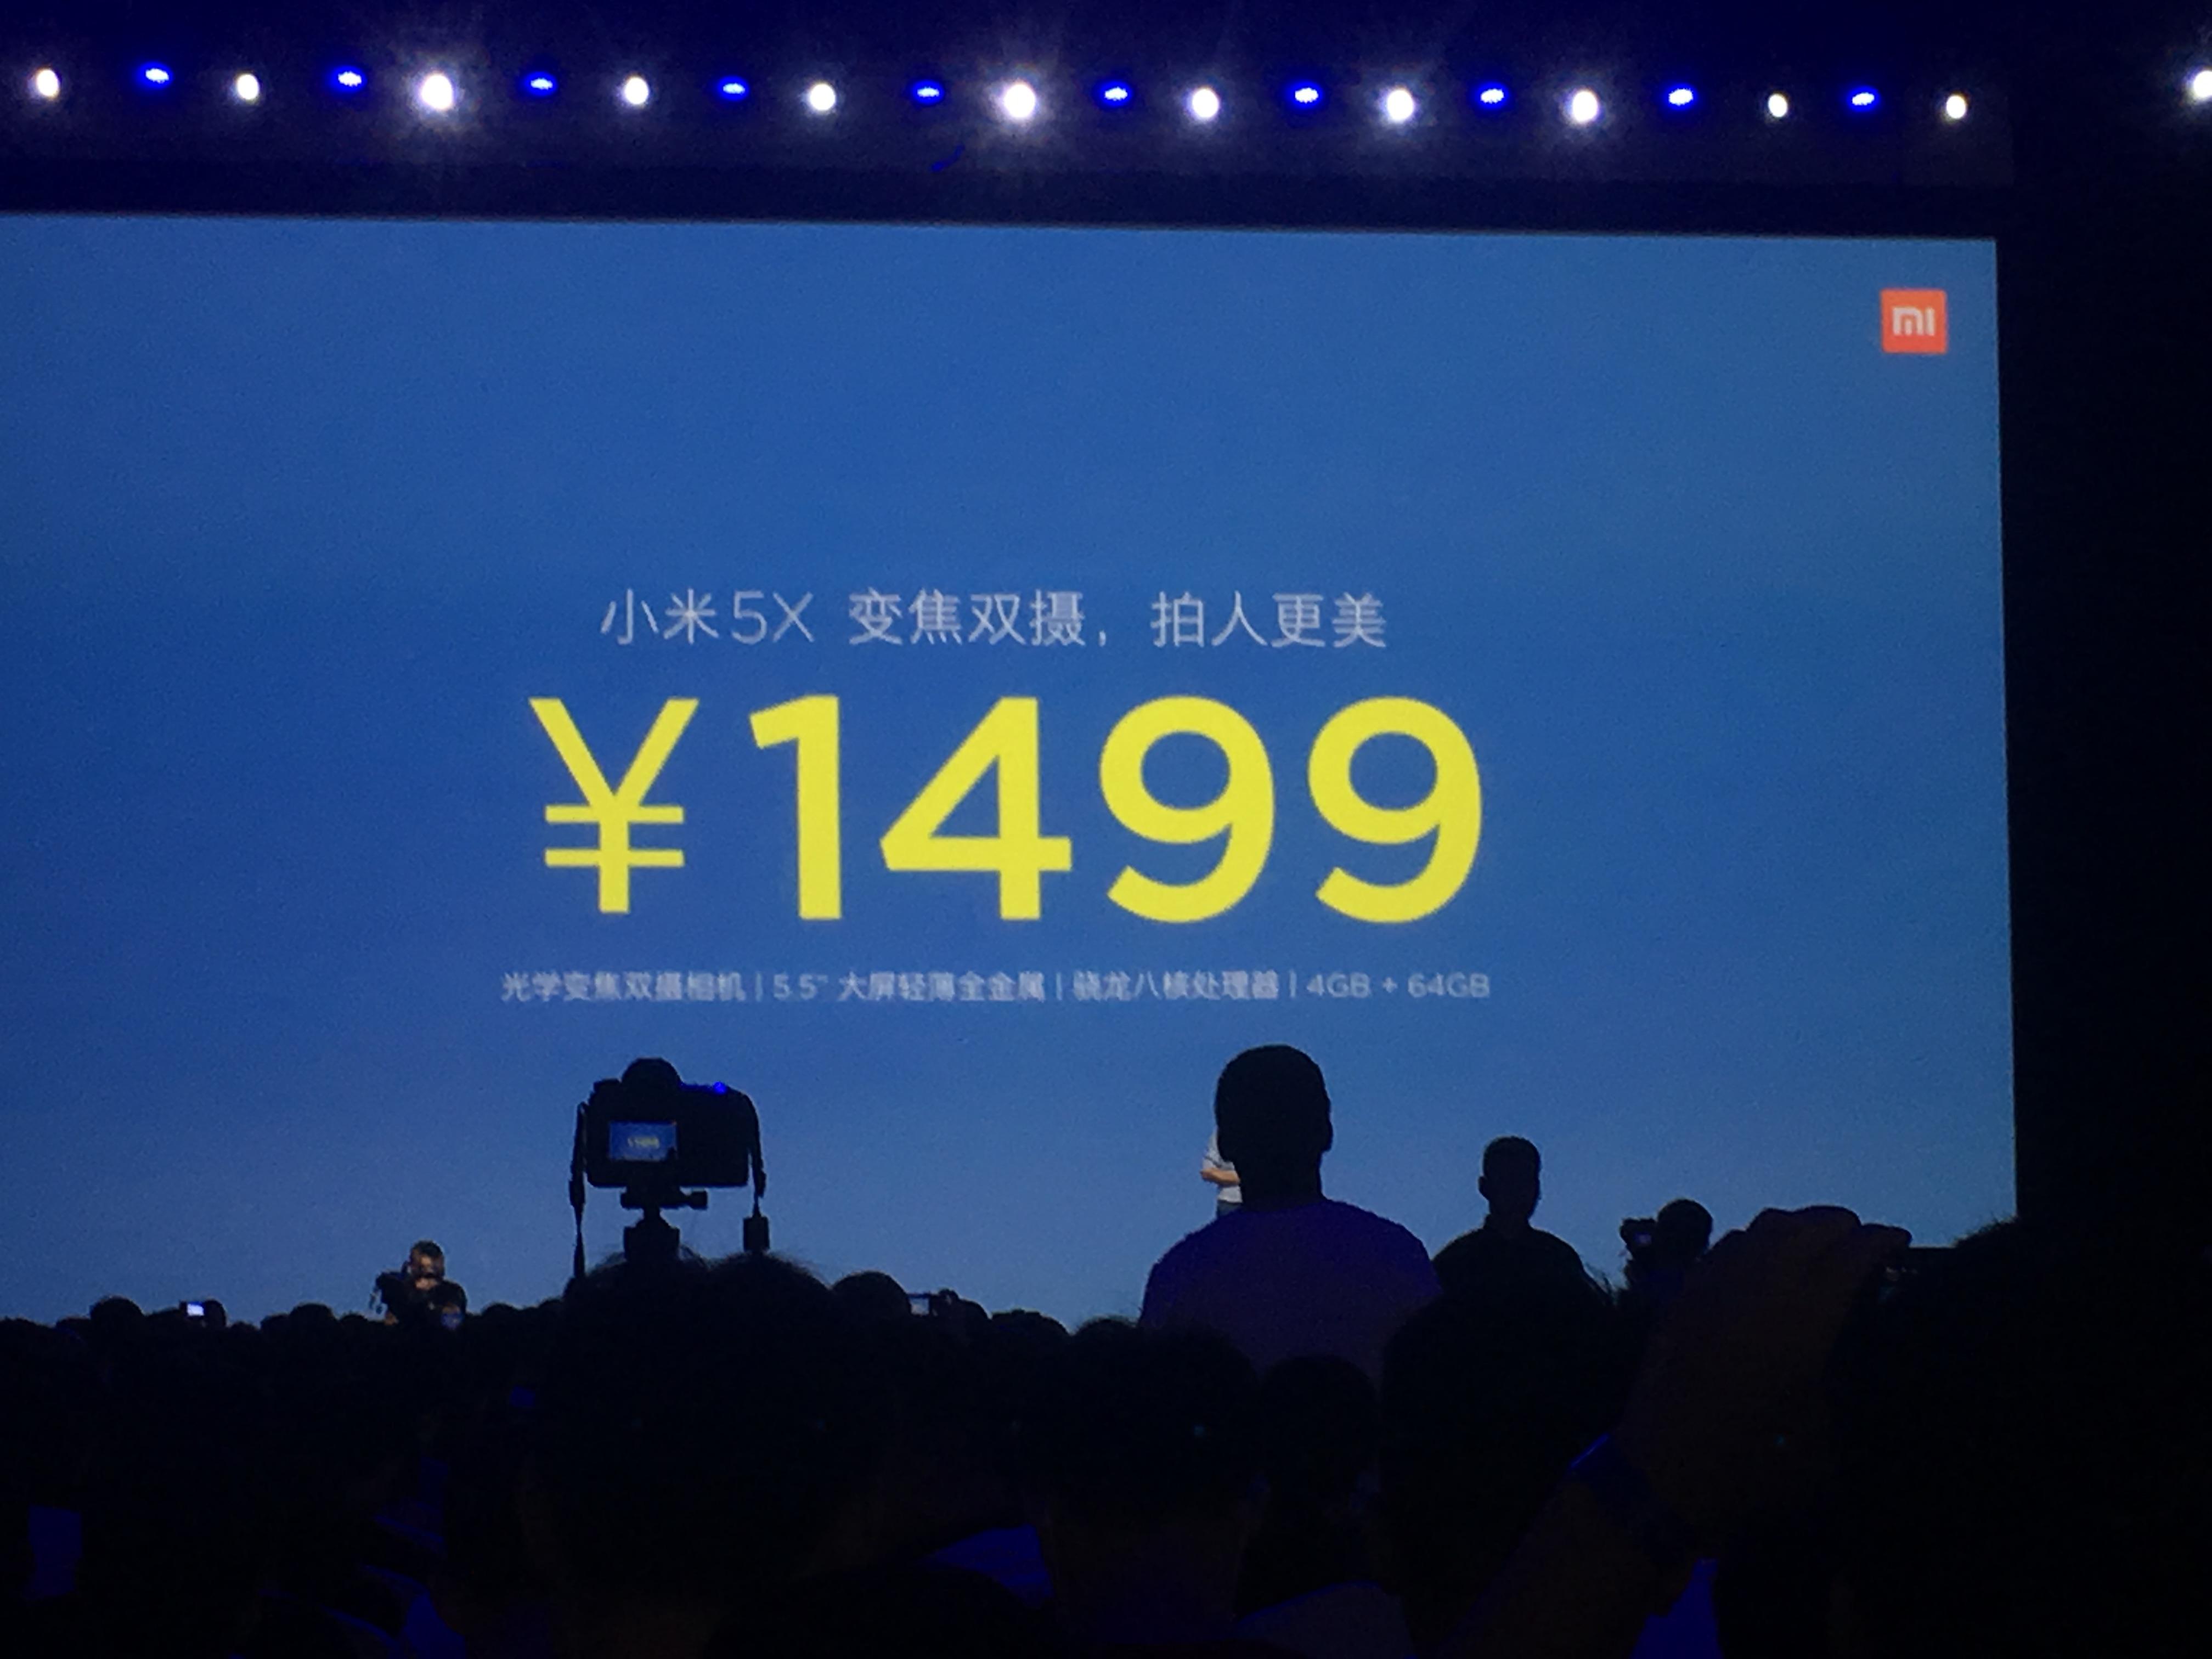 小米5X正式发布:搭载MIUI9,售价为1499元